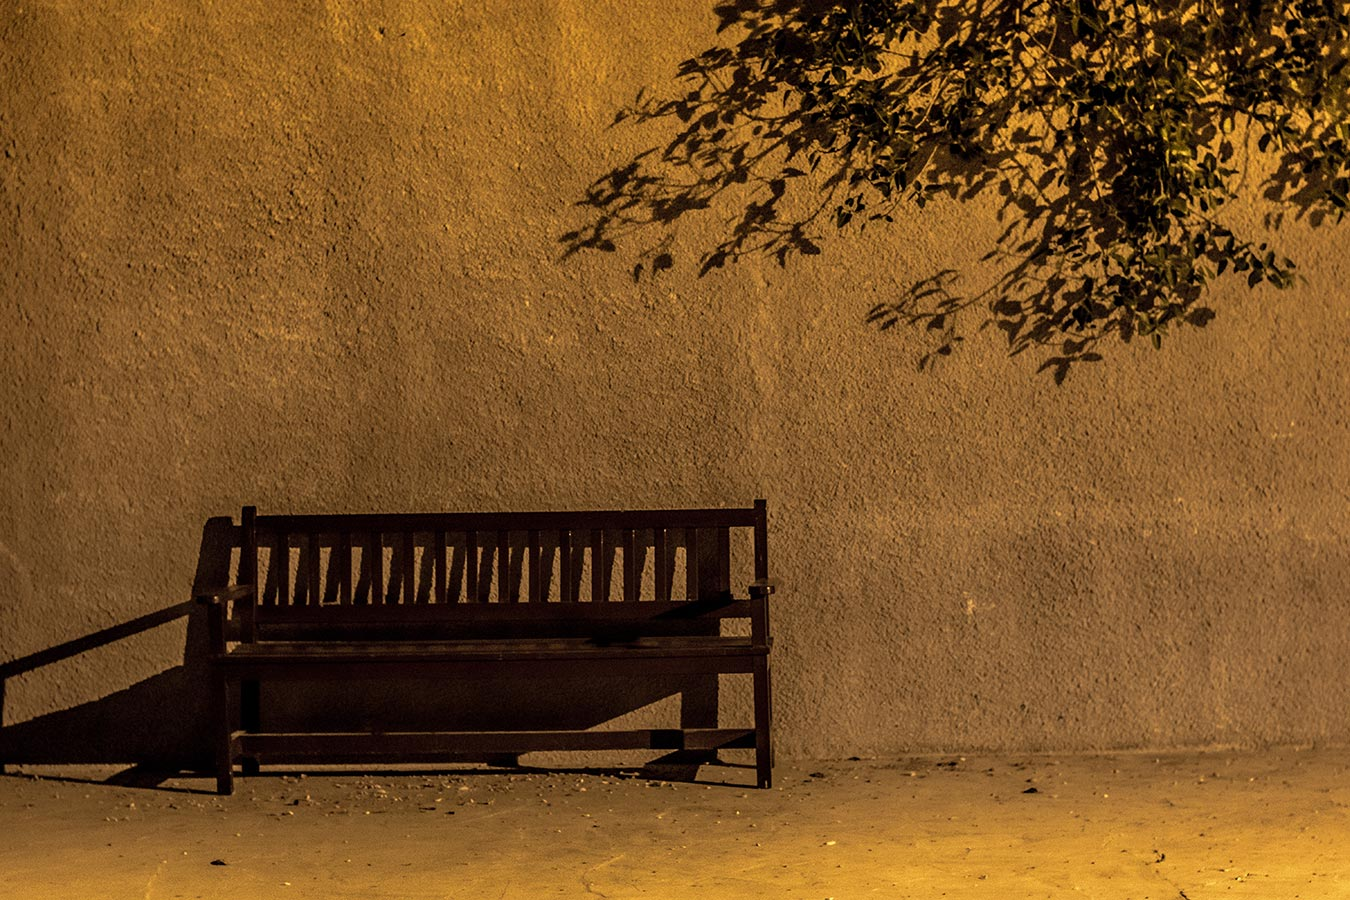 اماكن تراثية في دبي